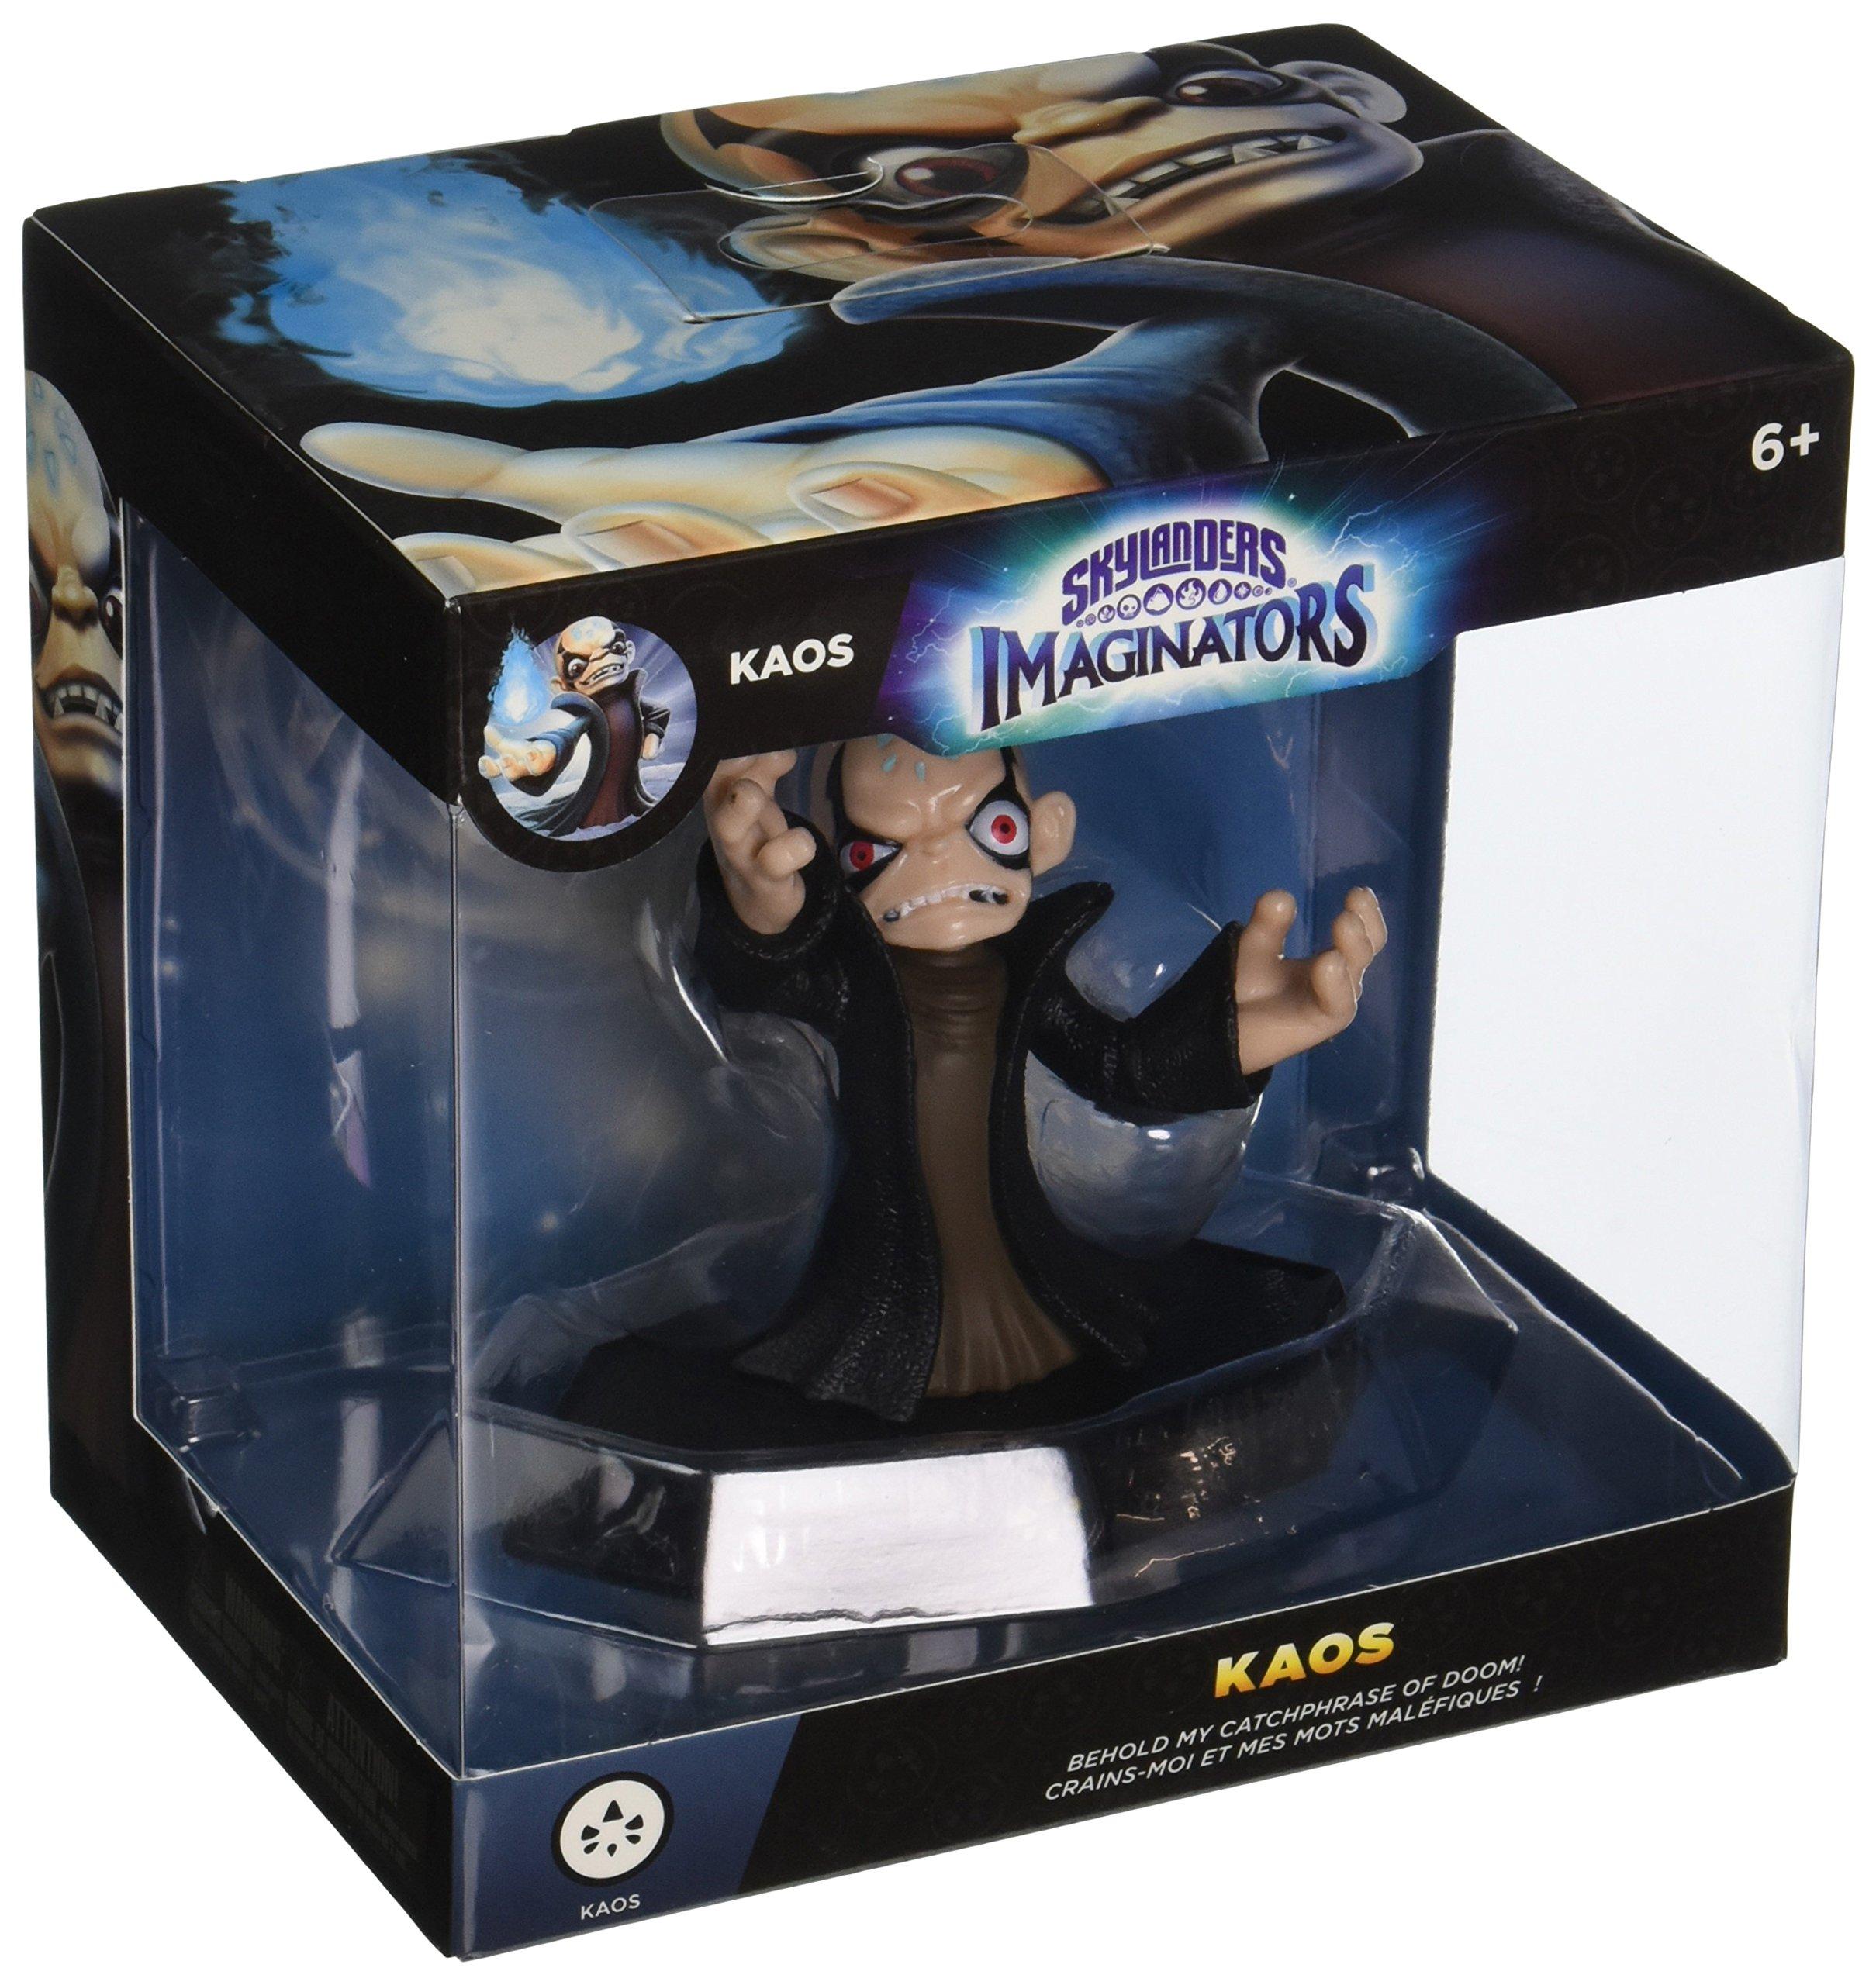 Skylanders Imaginators Kaos - Not Machine Specific